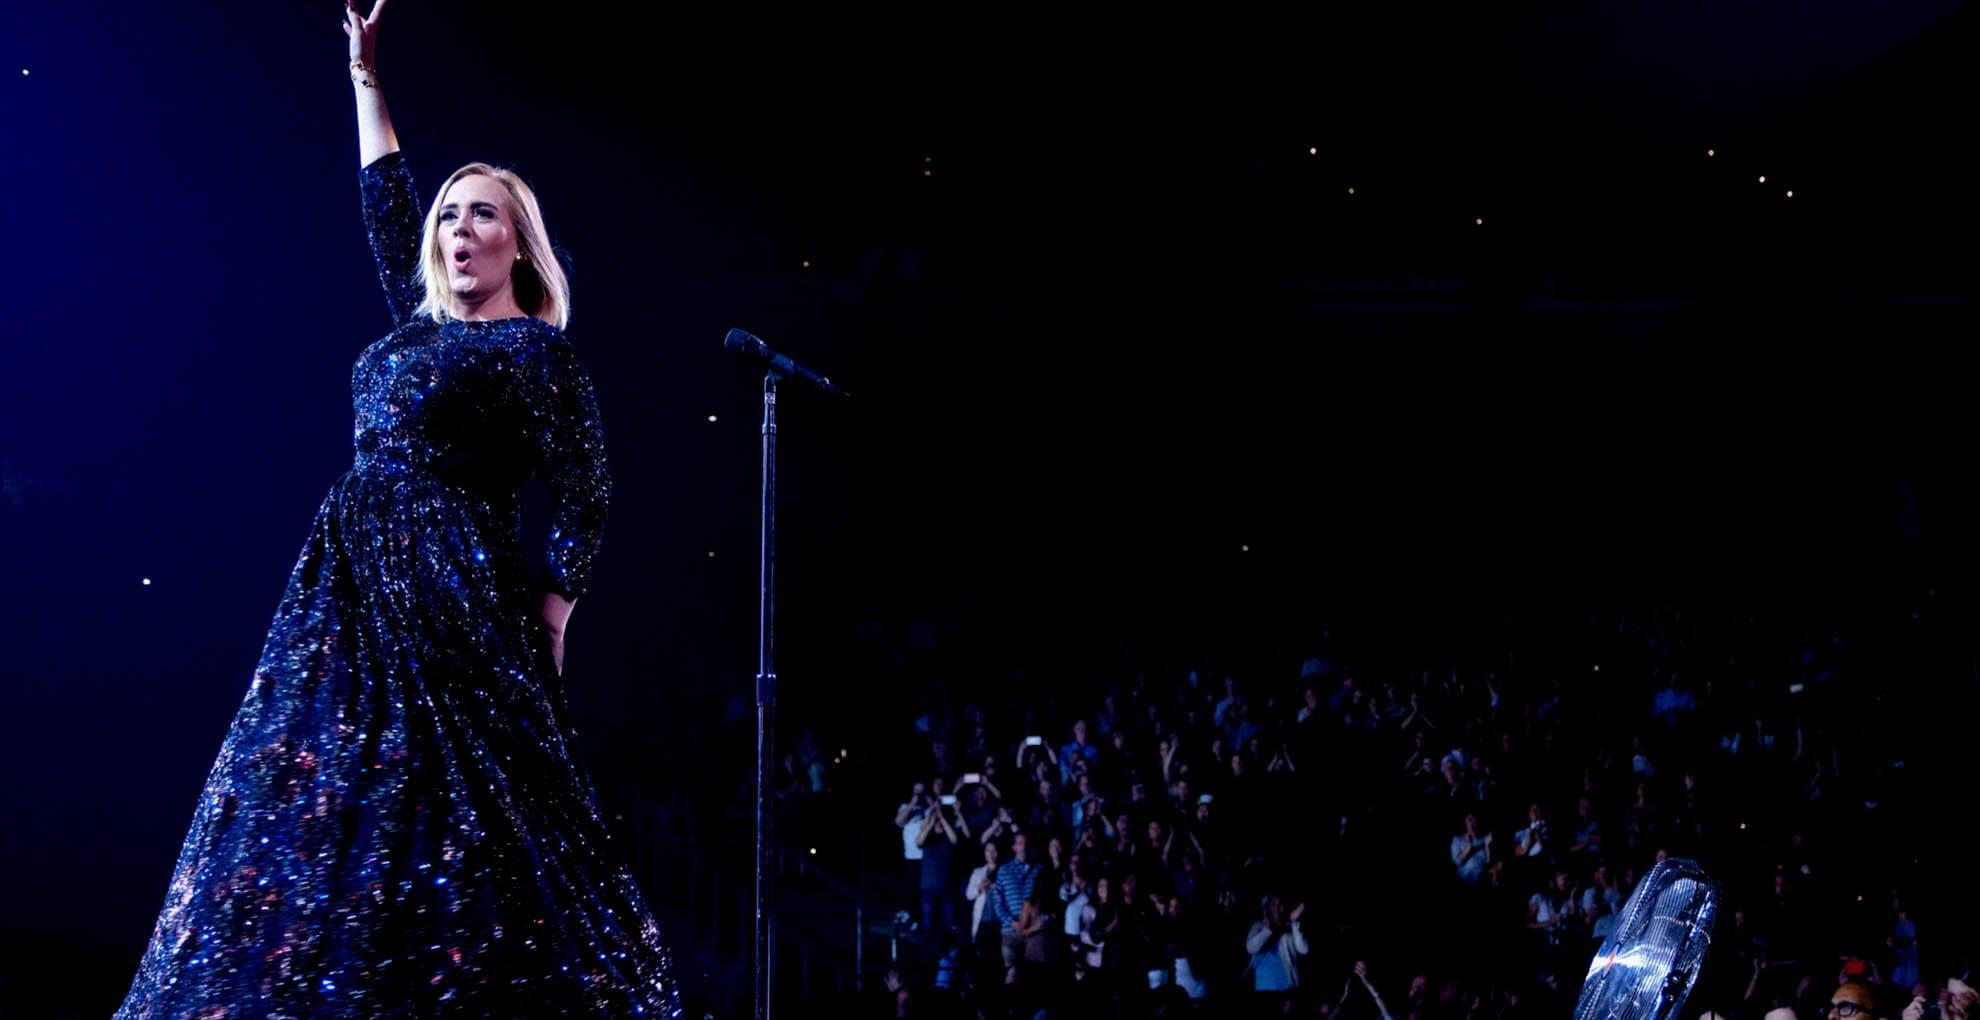 La risposta di Adele alla reunion delle Spice Girls è epica